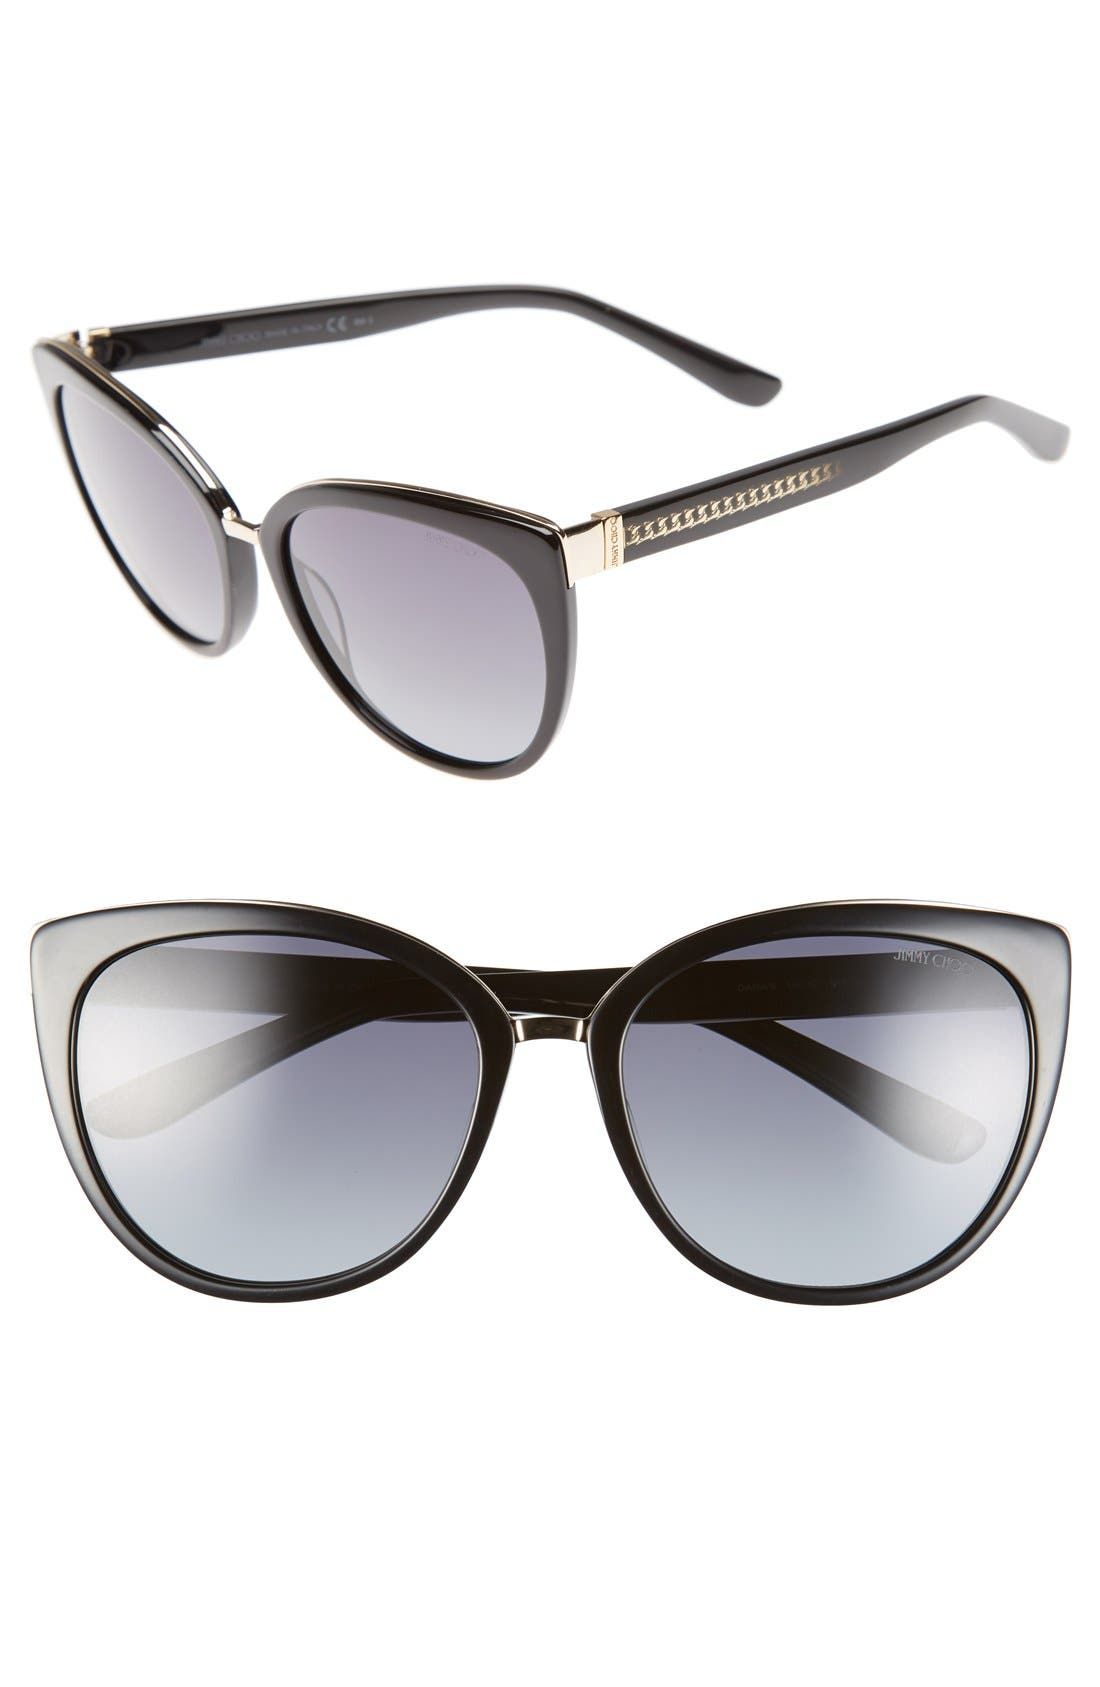 'Danas' 56mm Cat Eye Sunglasses,                             Main thumbnail 1, color,                             001